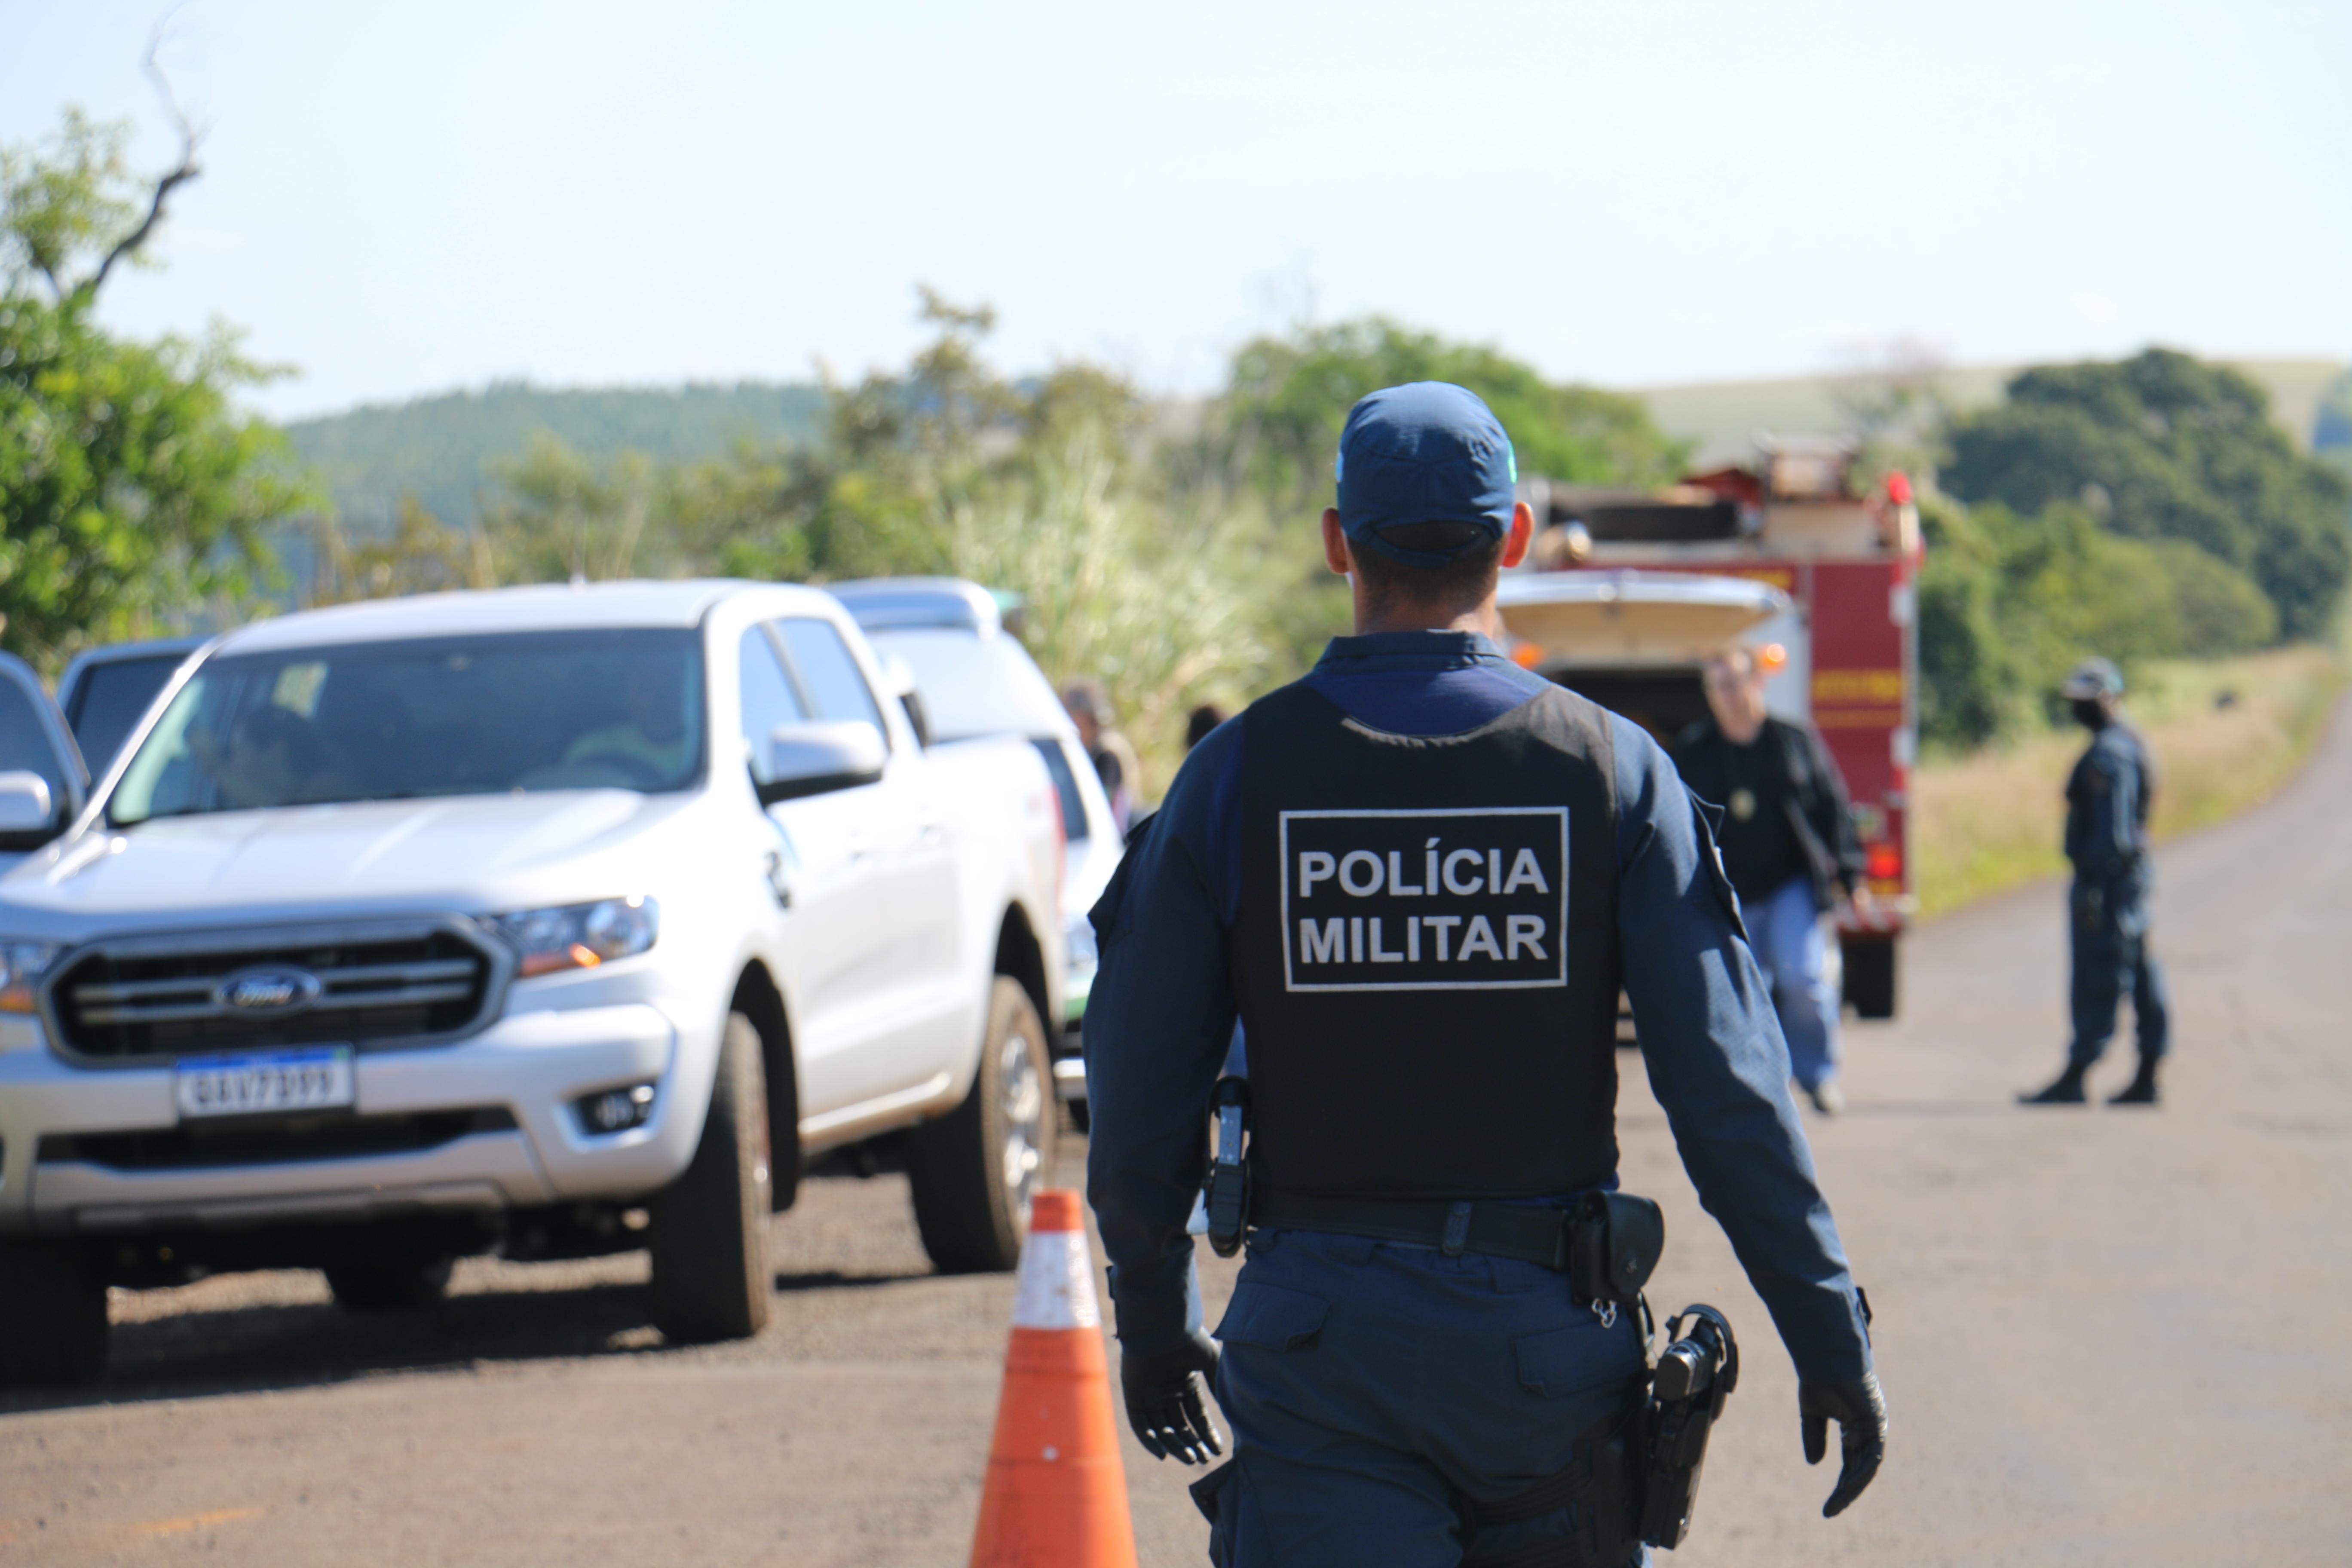 Sobreviventes de acidente no Quebra Coco passaram por exames e estão em áreas diferentes do Pronto Socorro